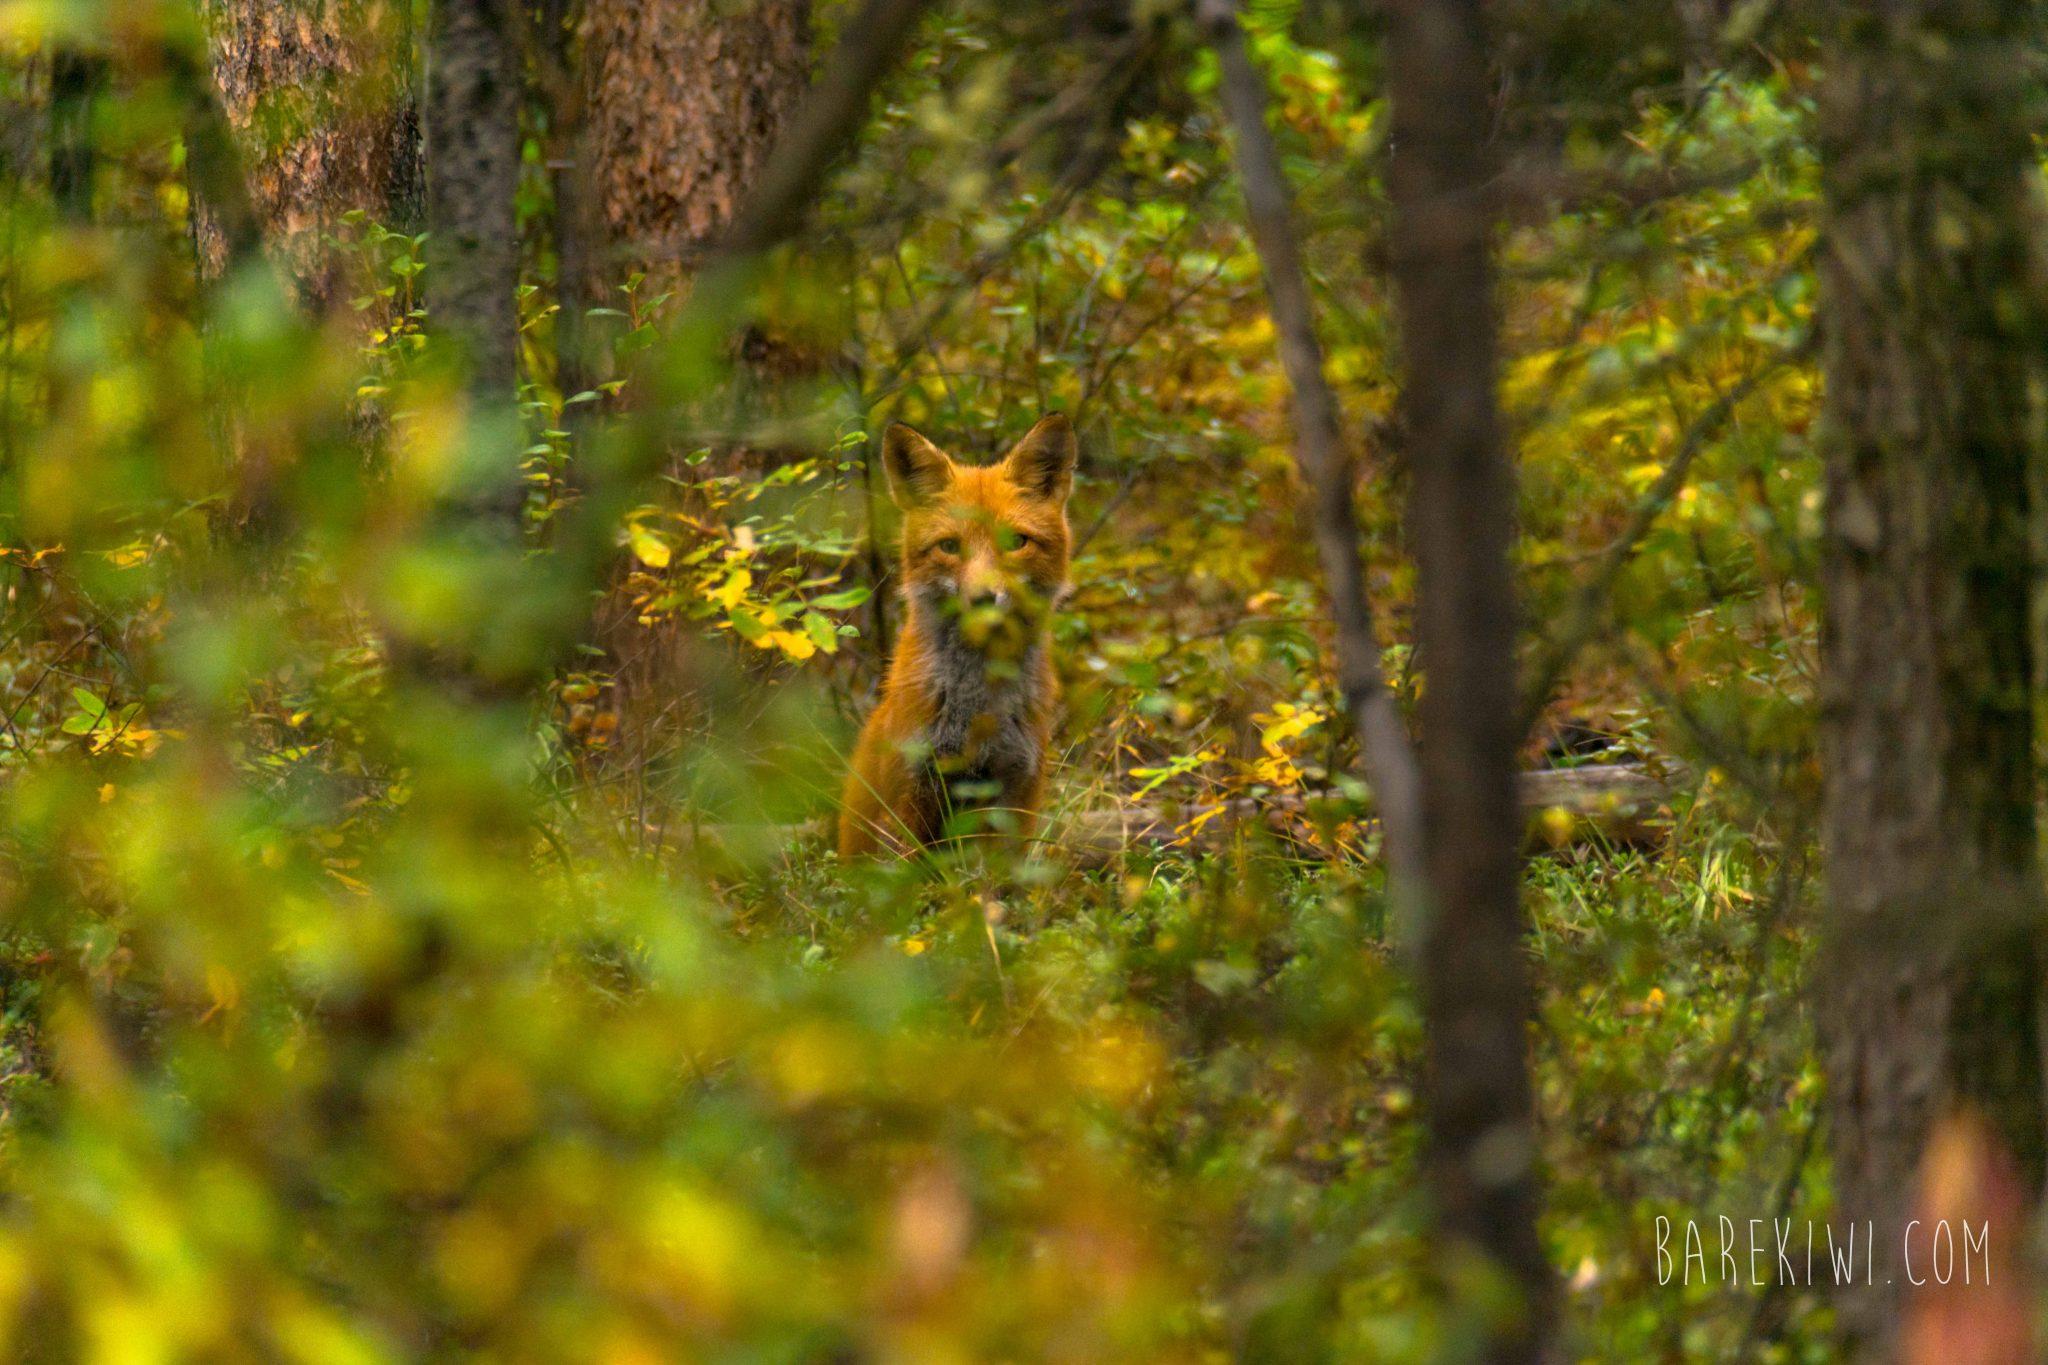 Yukon Images WEB (5 of 34)